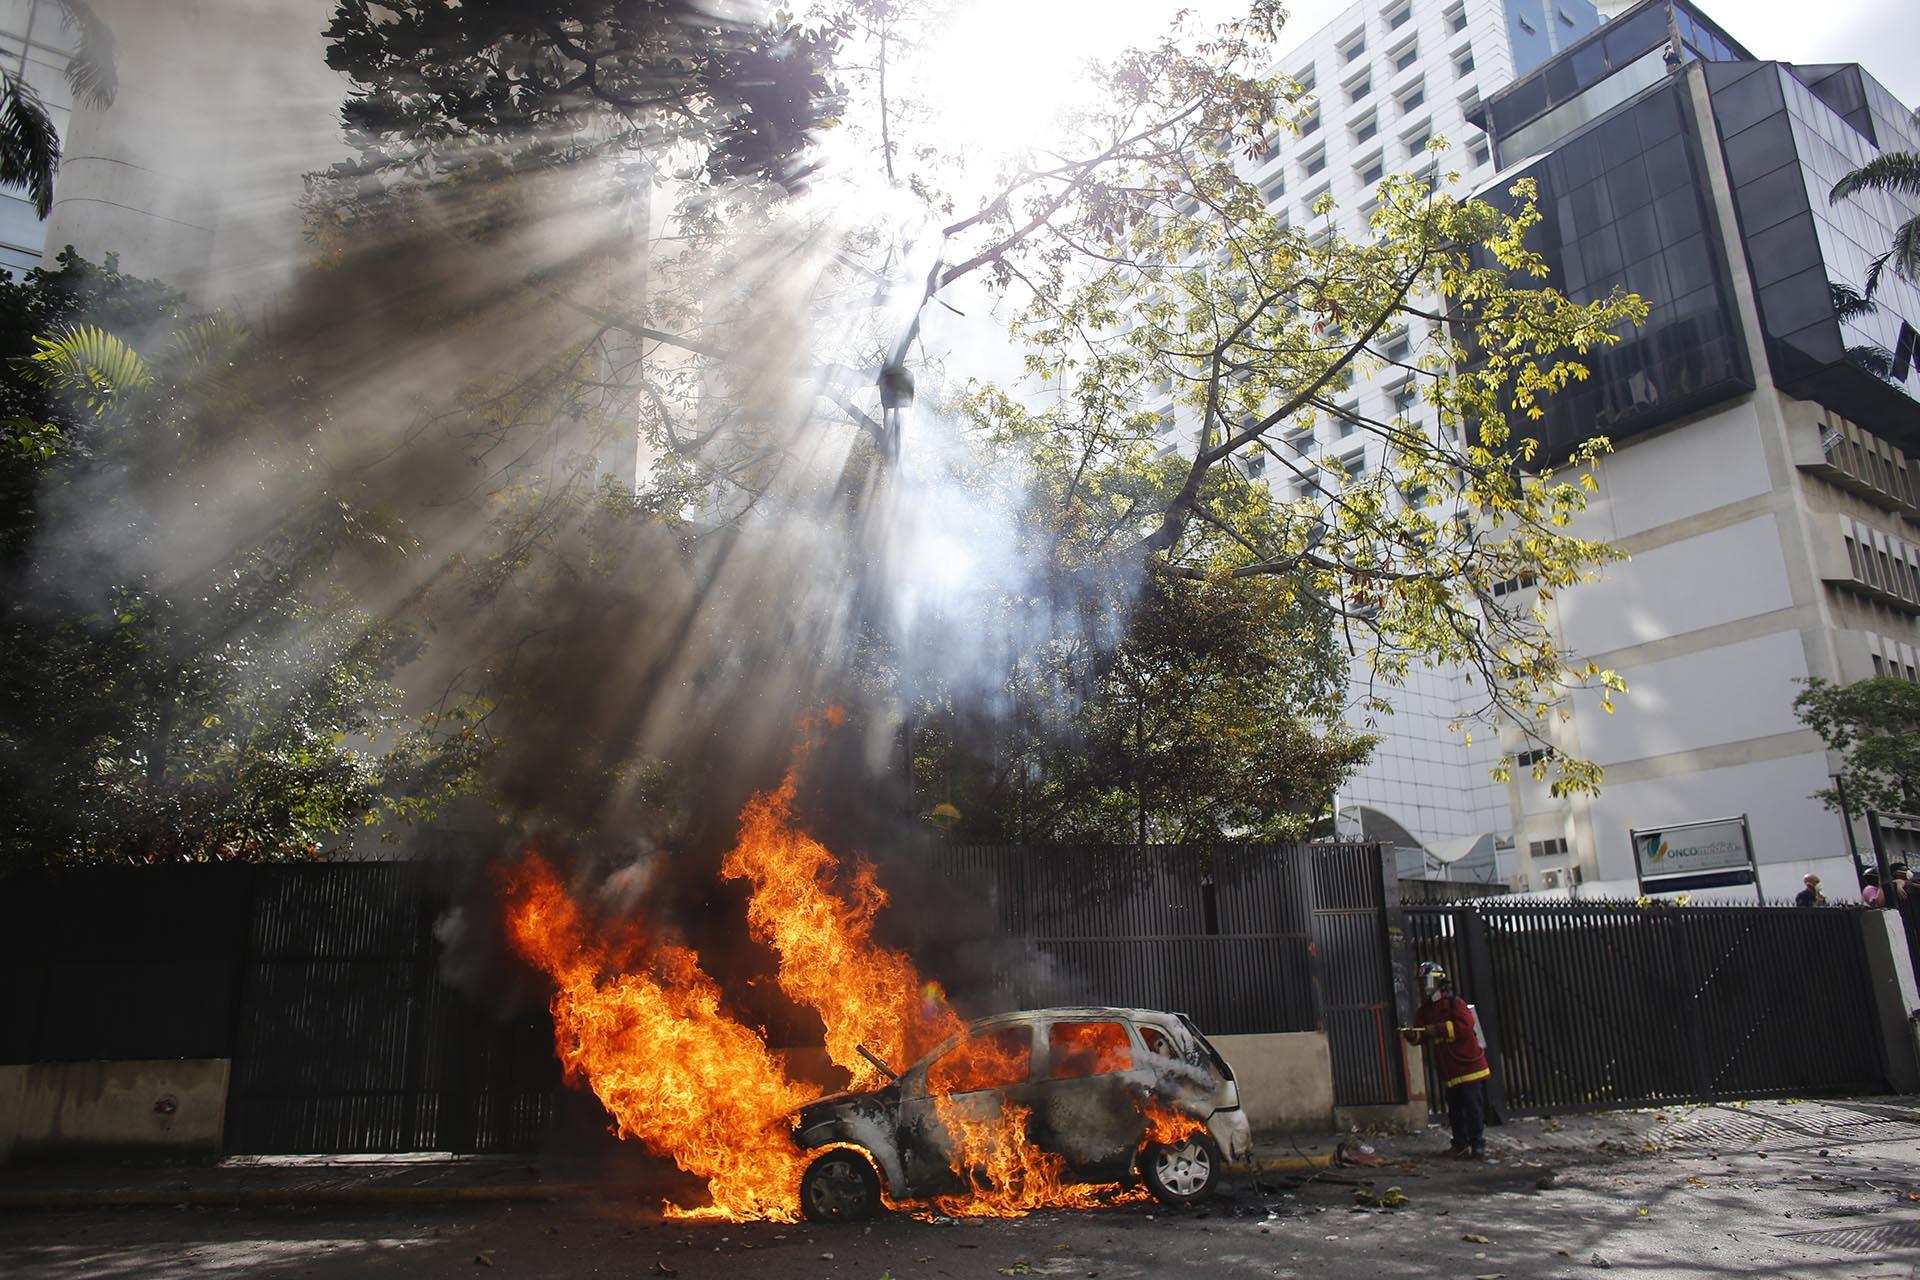 Un bombero apaga el fuego de un coche incendiado durante la represión a las protestas en Caracas, Venezuela